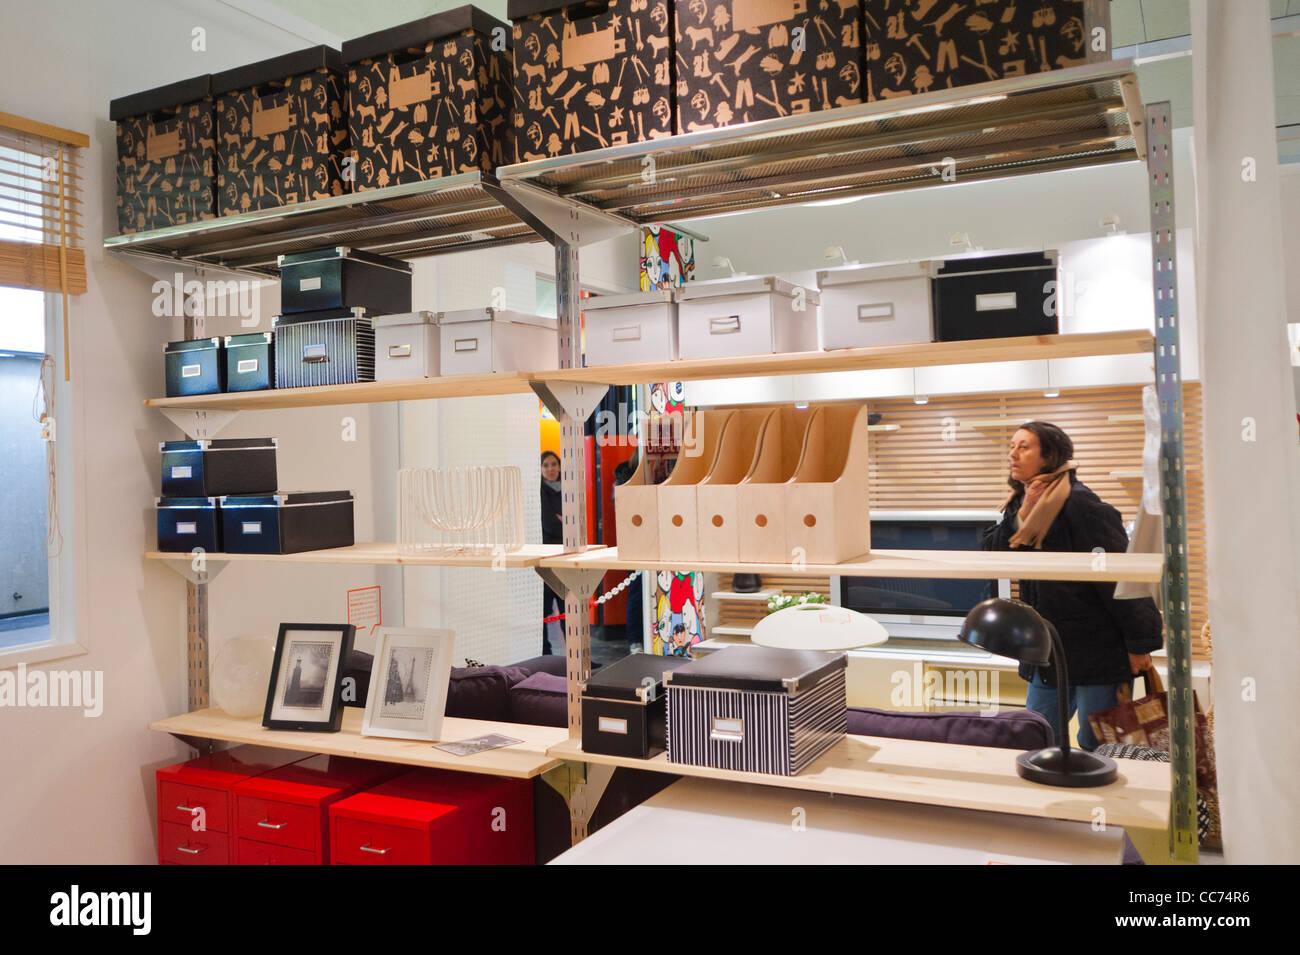 paris france advertising furniture shopping ikea furniture store